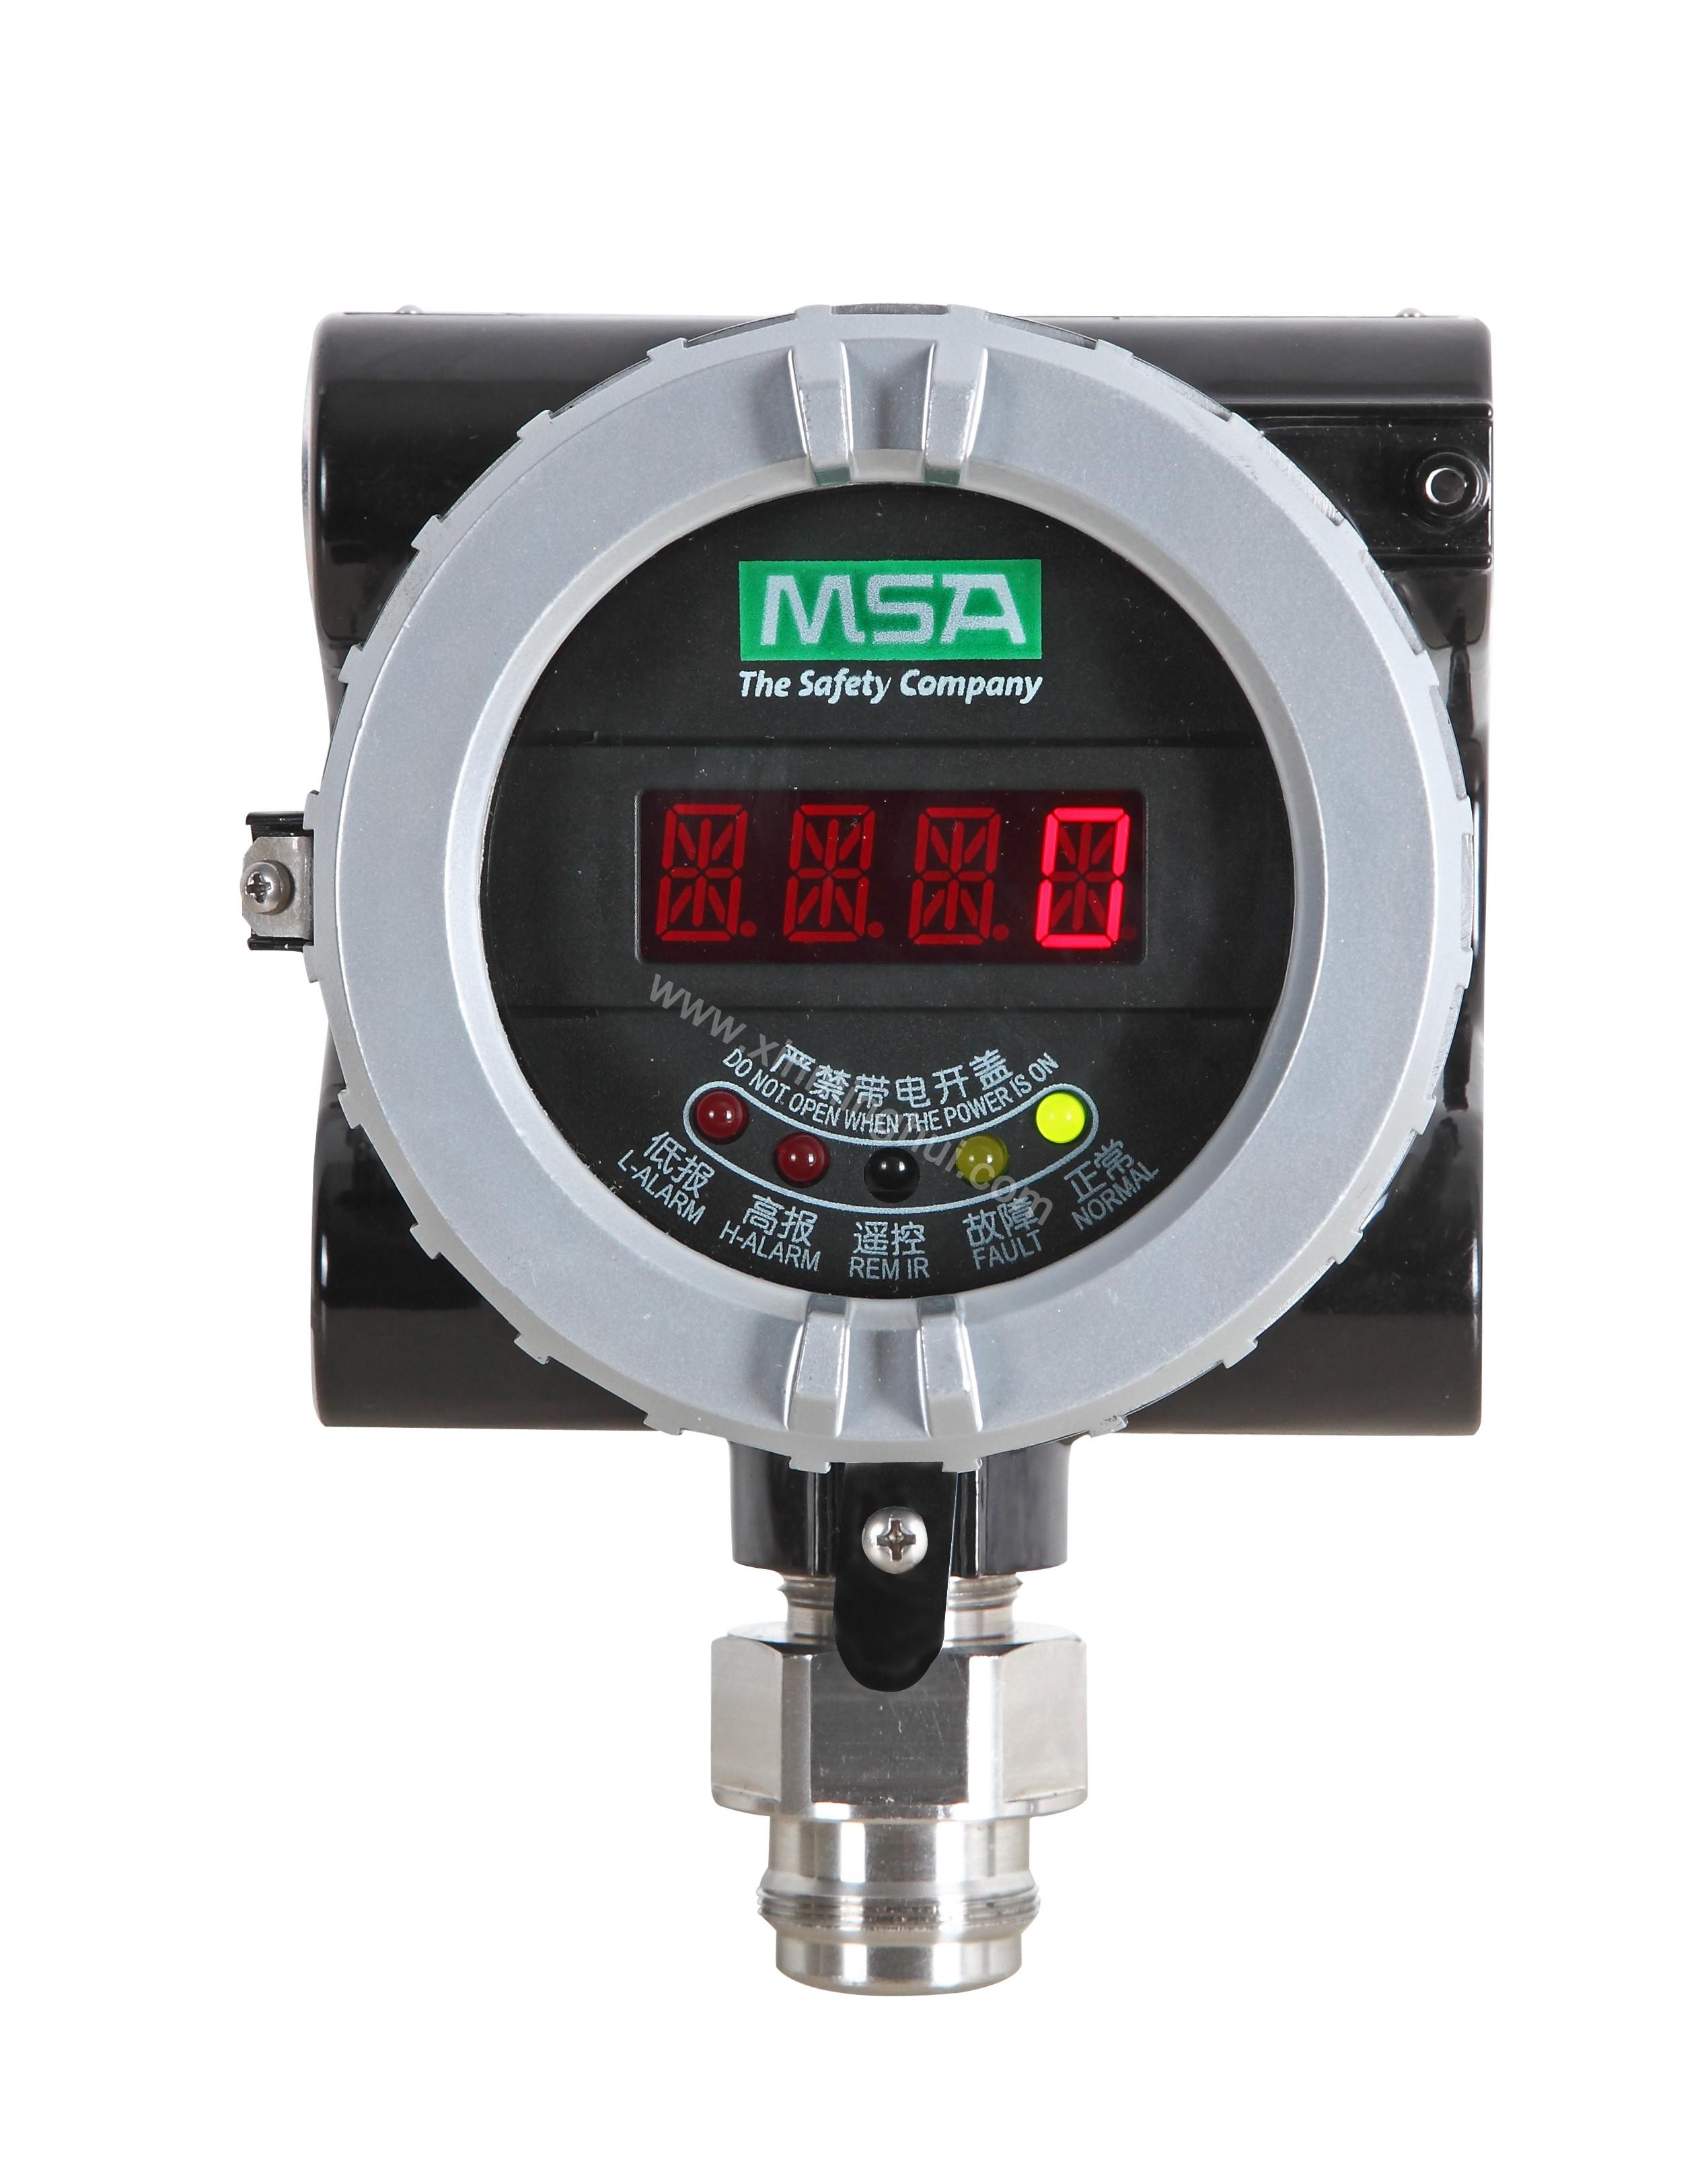 梅思安 10147778 DF-8500 可燃气探测器(无继电器)